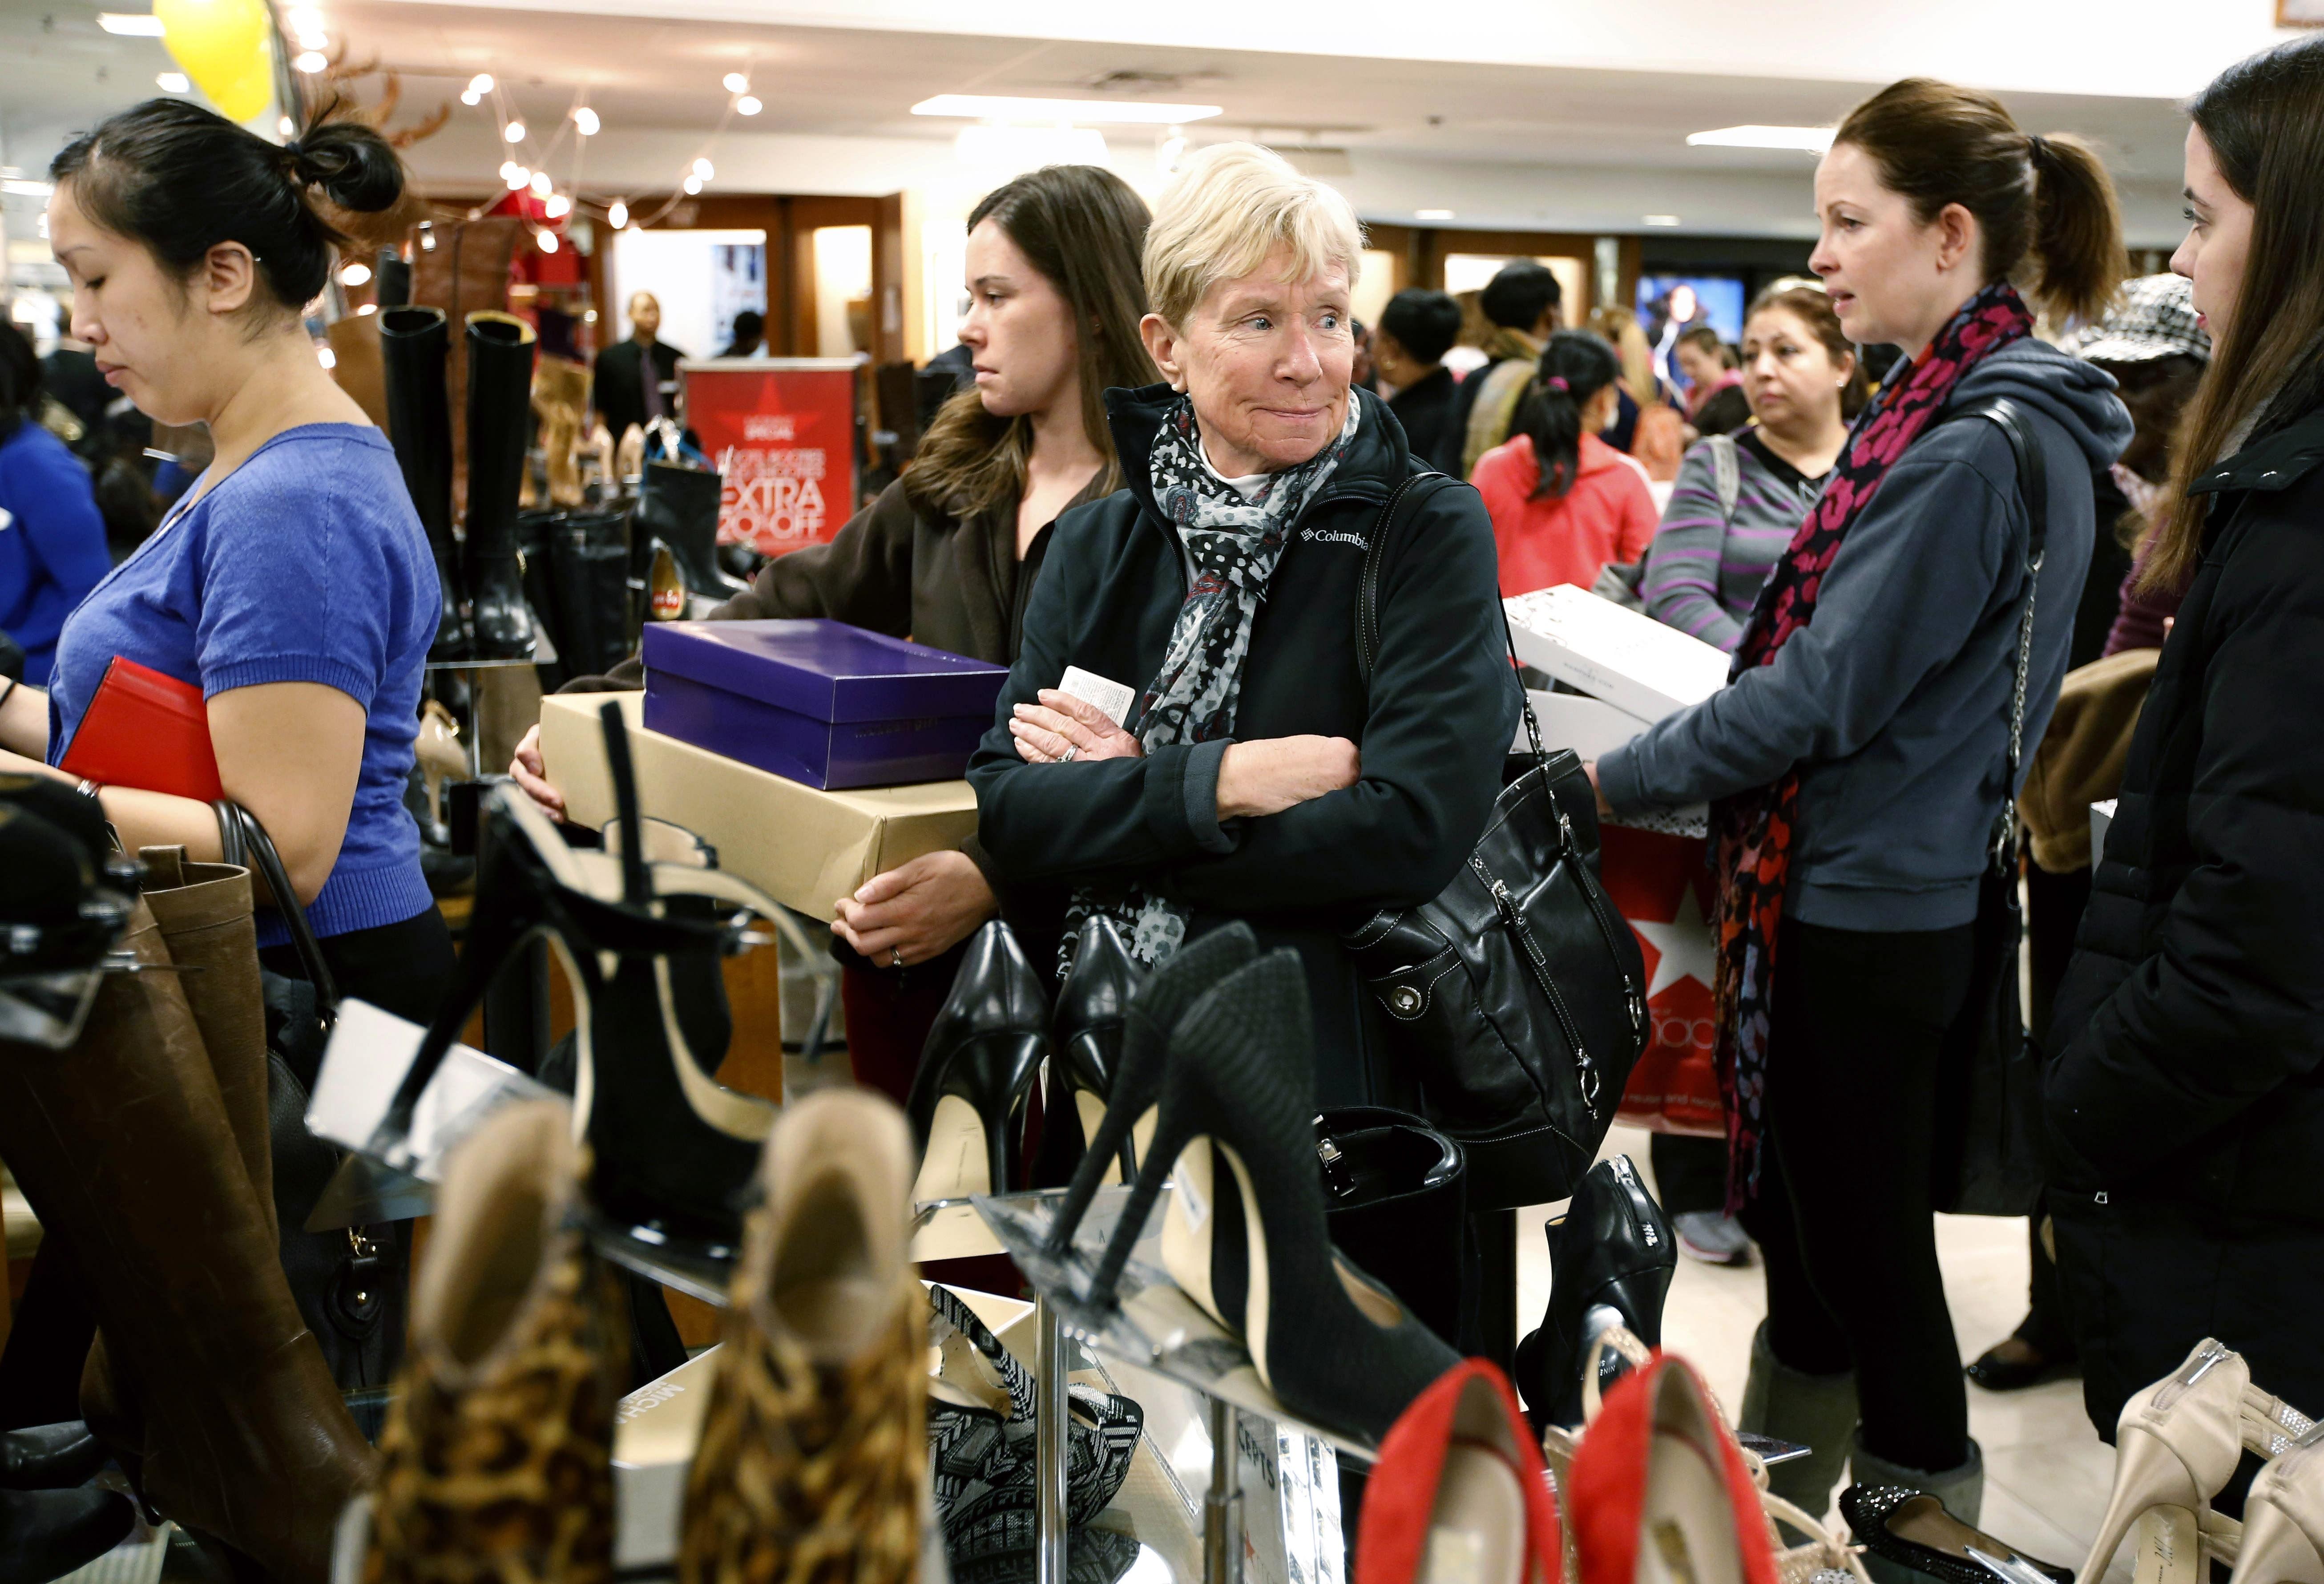 Uma fila longa pode realmente ser a linha mais rápida. (Foto: AP Photo/Michael Dwyer)